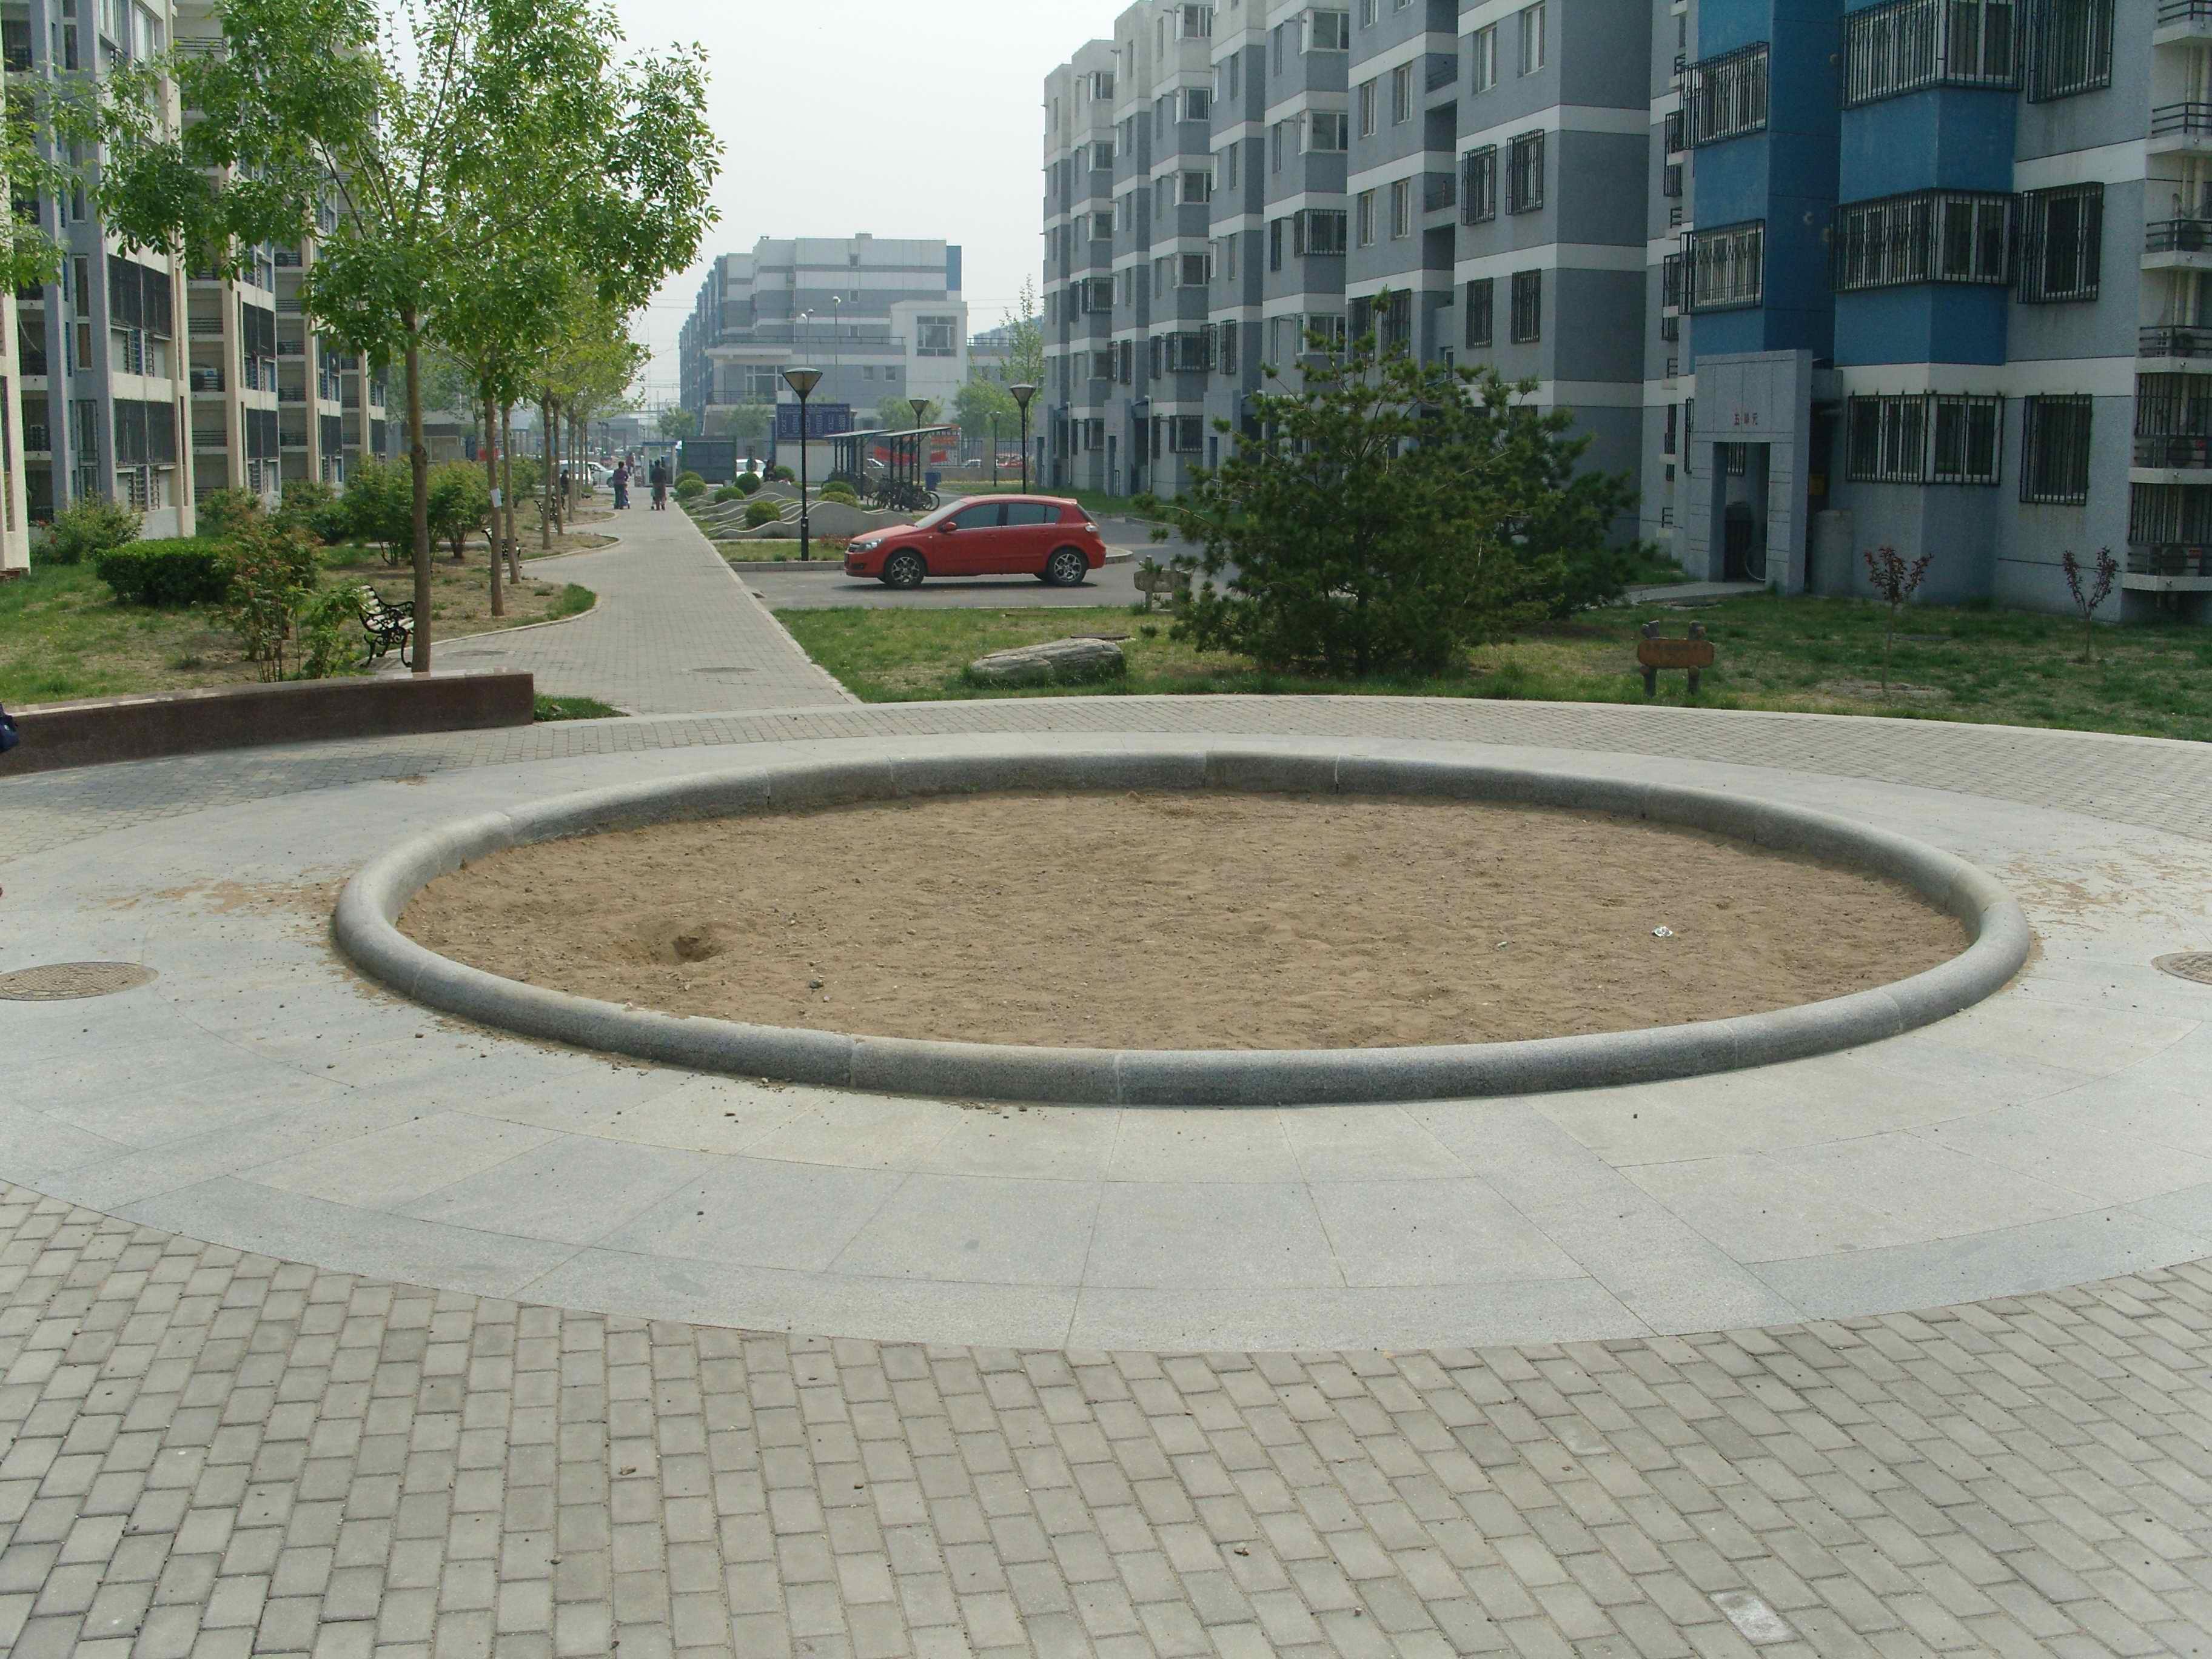 龙锦苑二区中心沙坑改造儿童乐园办法与问题